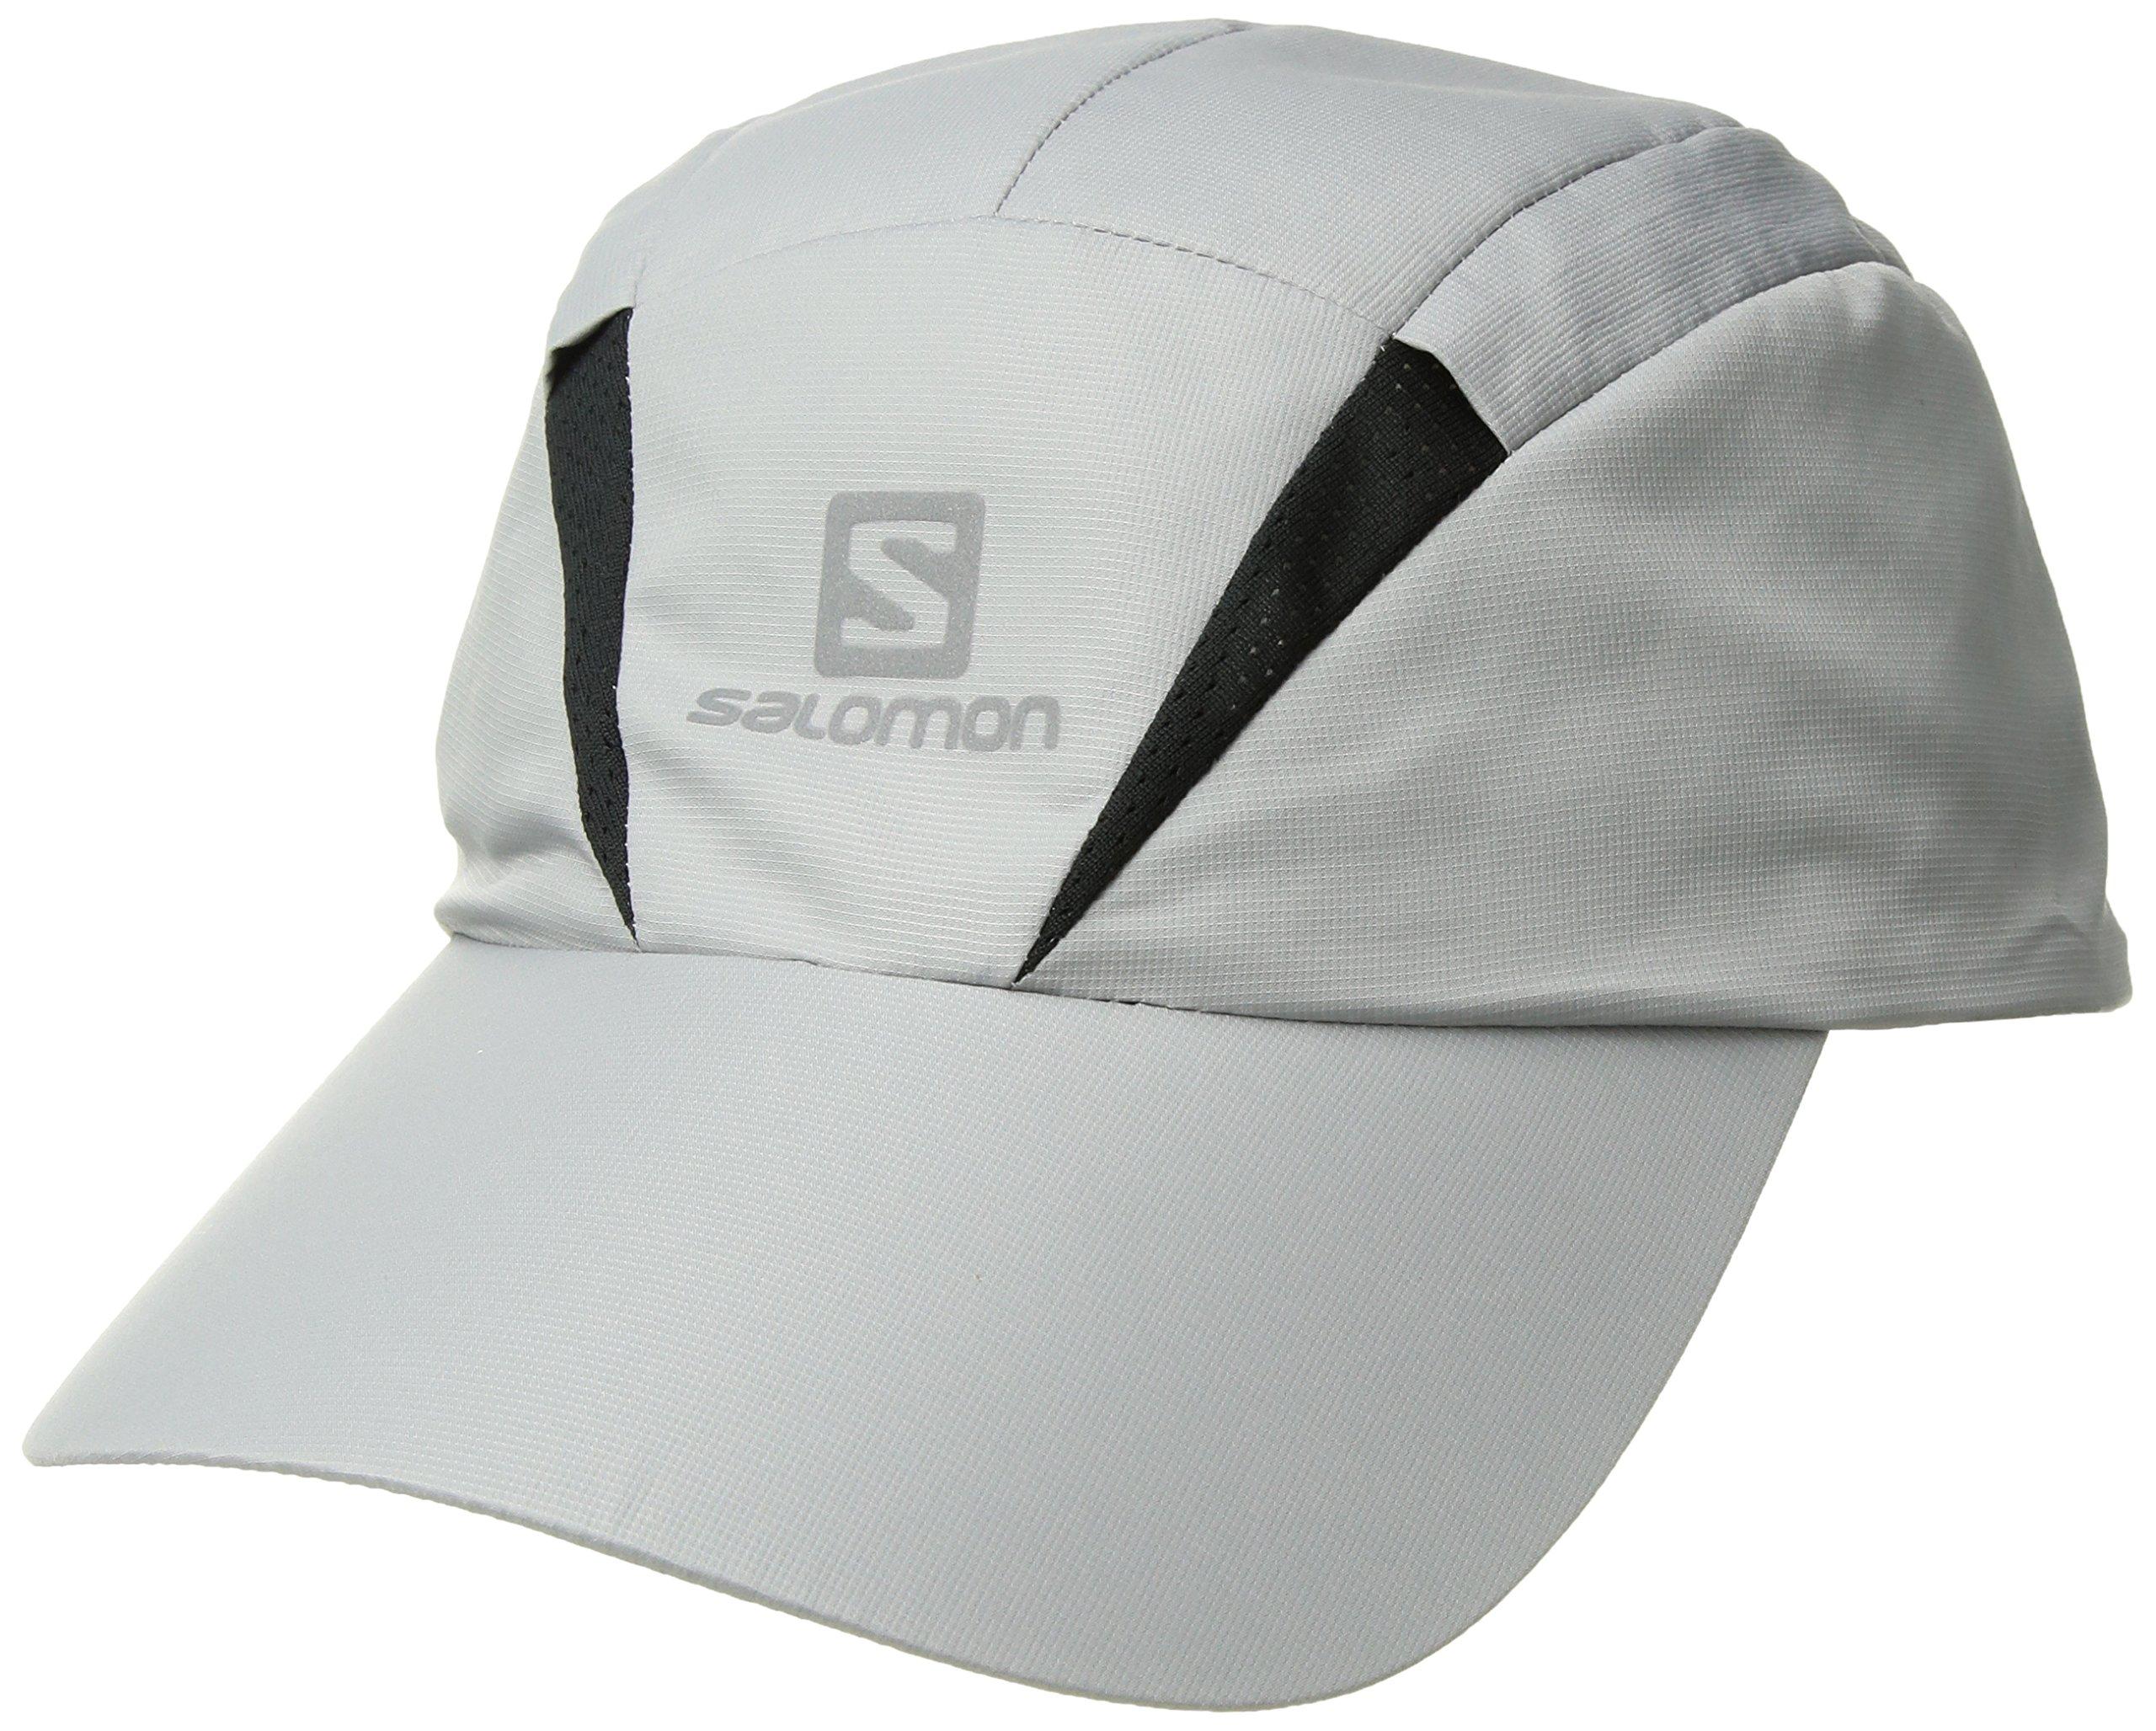 Couleurs variées ce993 04cc9 Salomon XA Cap, Alloy, Small/Medium